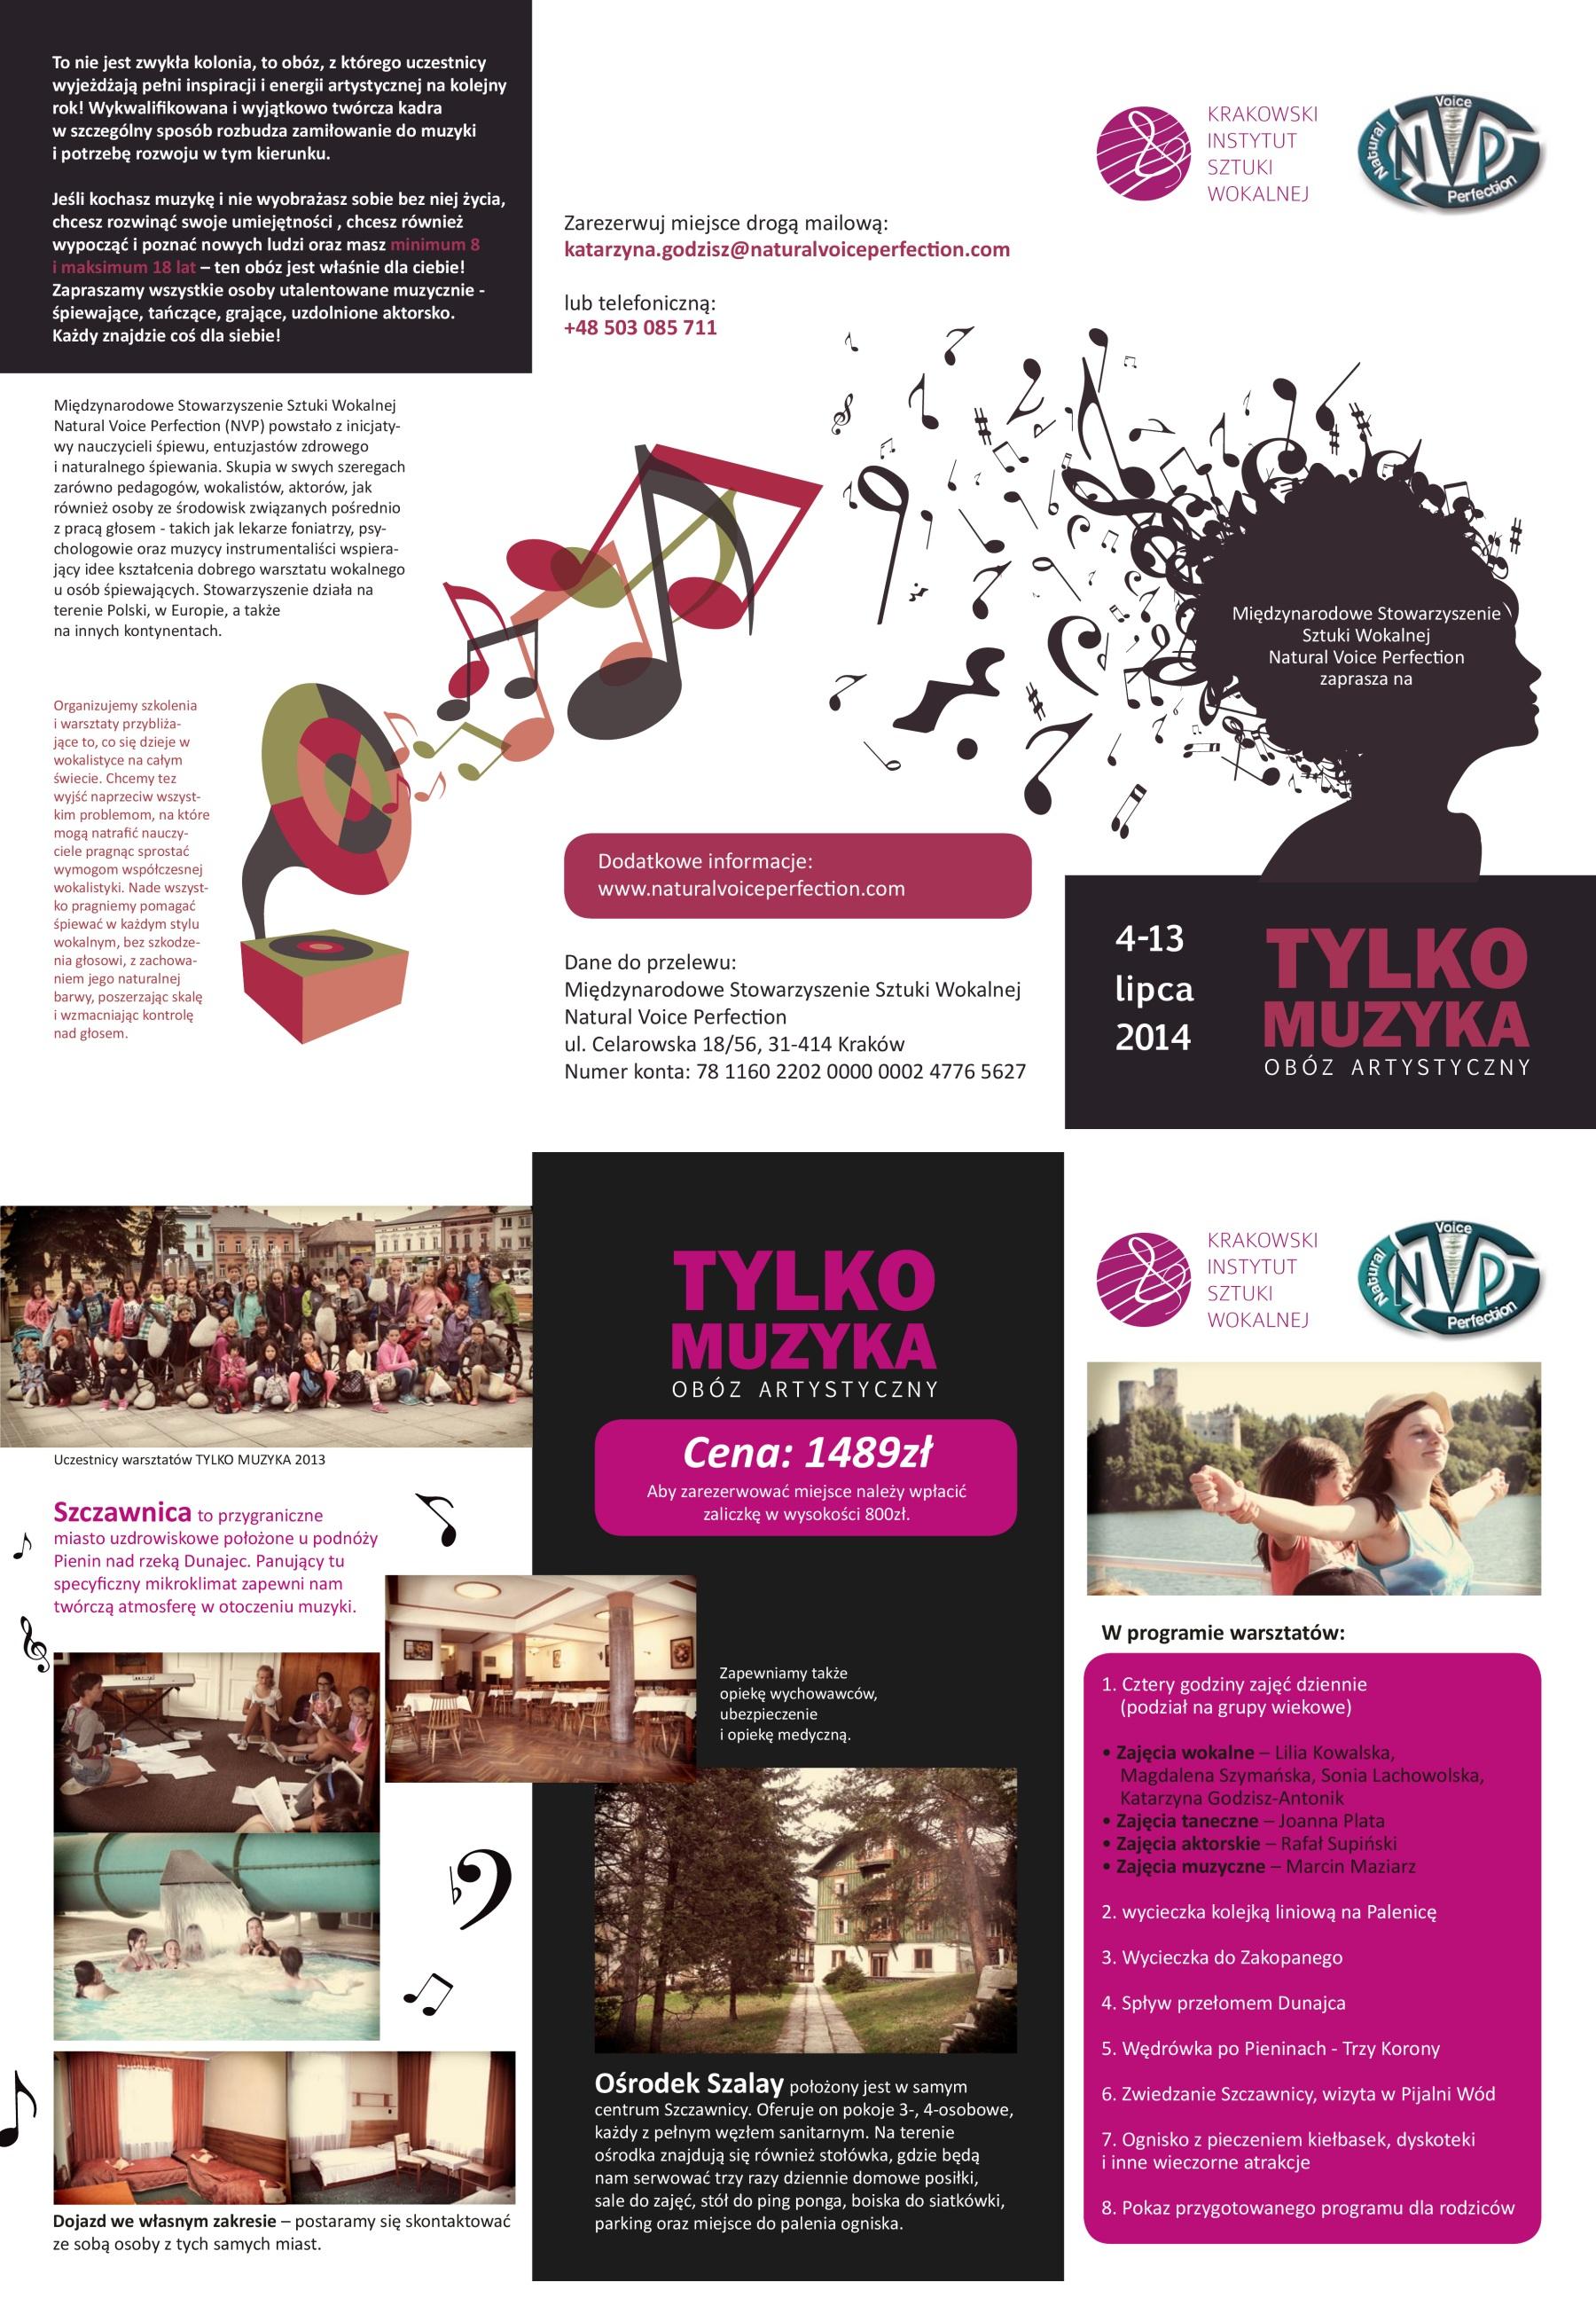 Wakacyjny obóz artystyczny Tylko Muzyka 2014